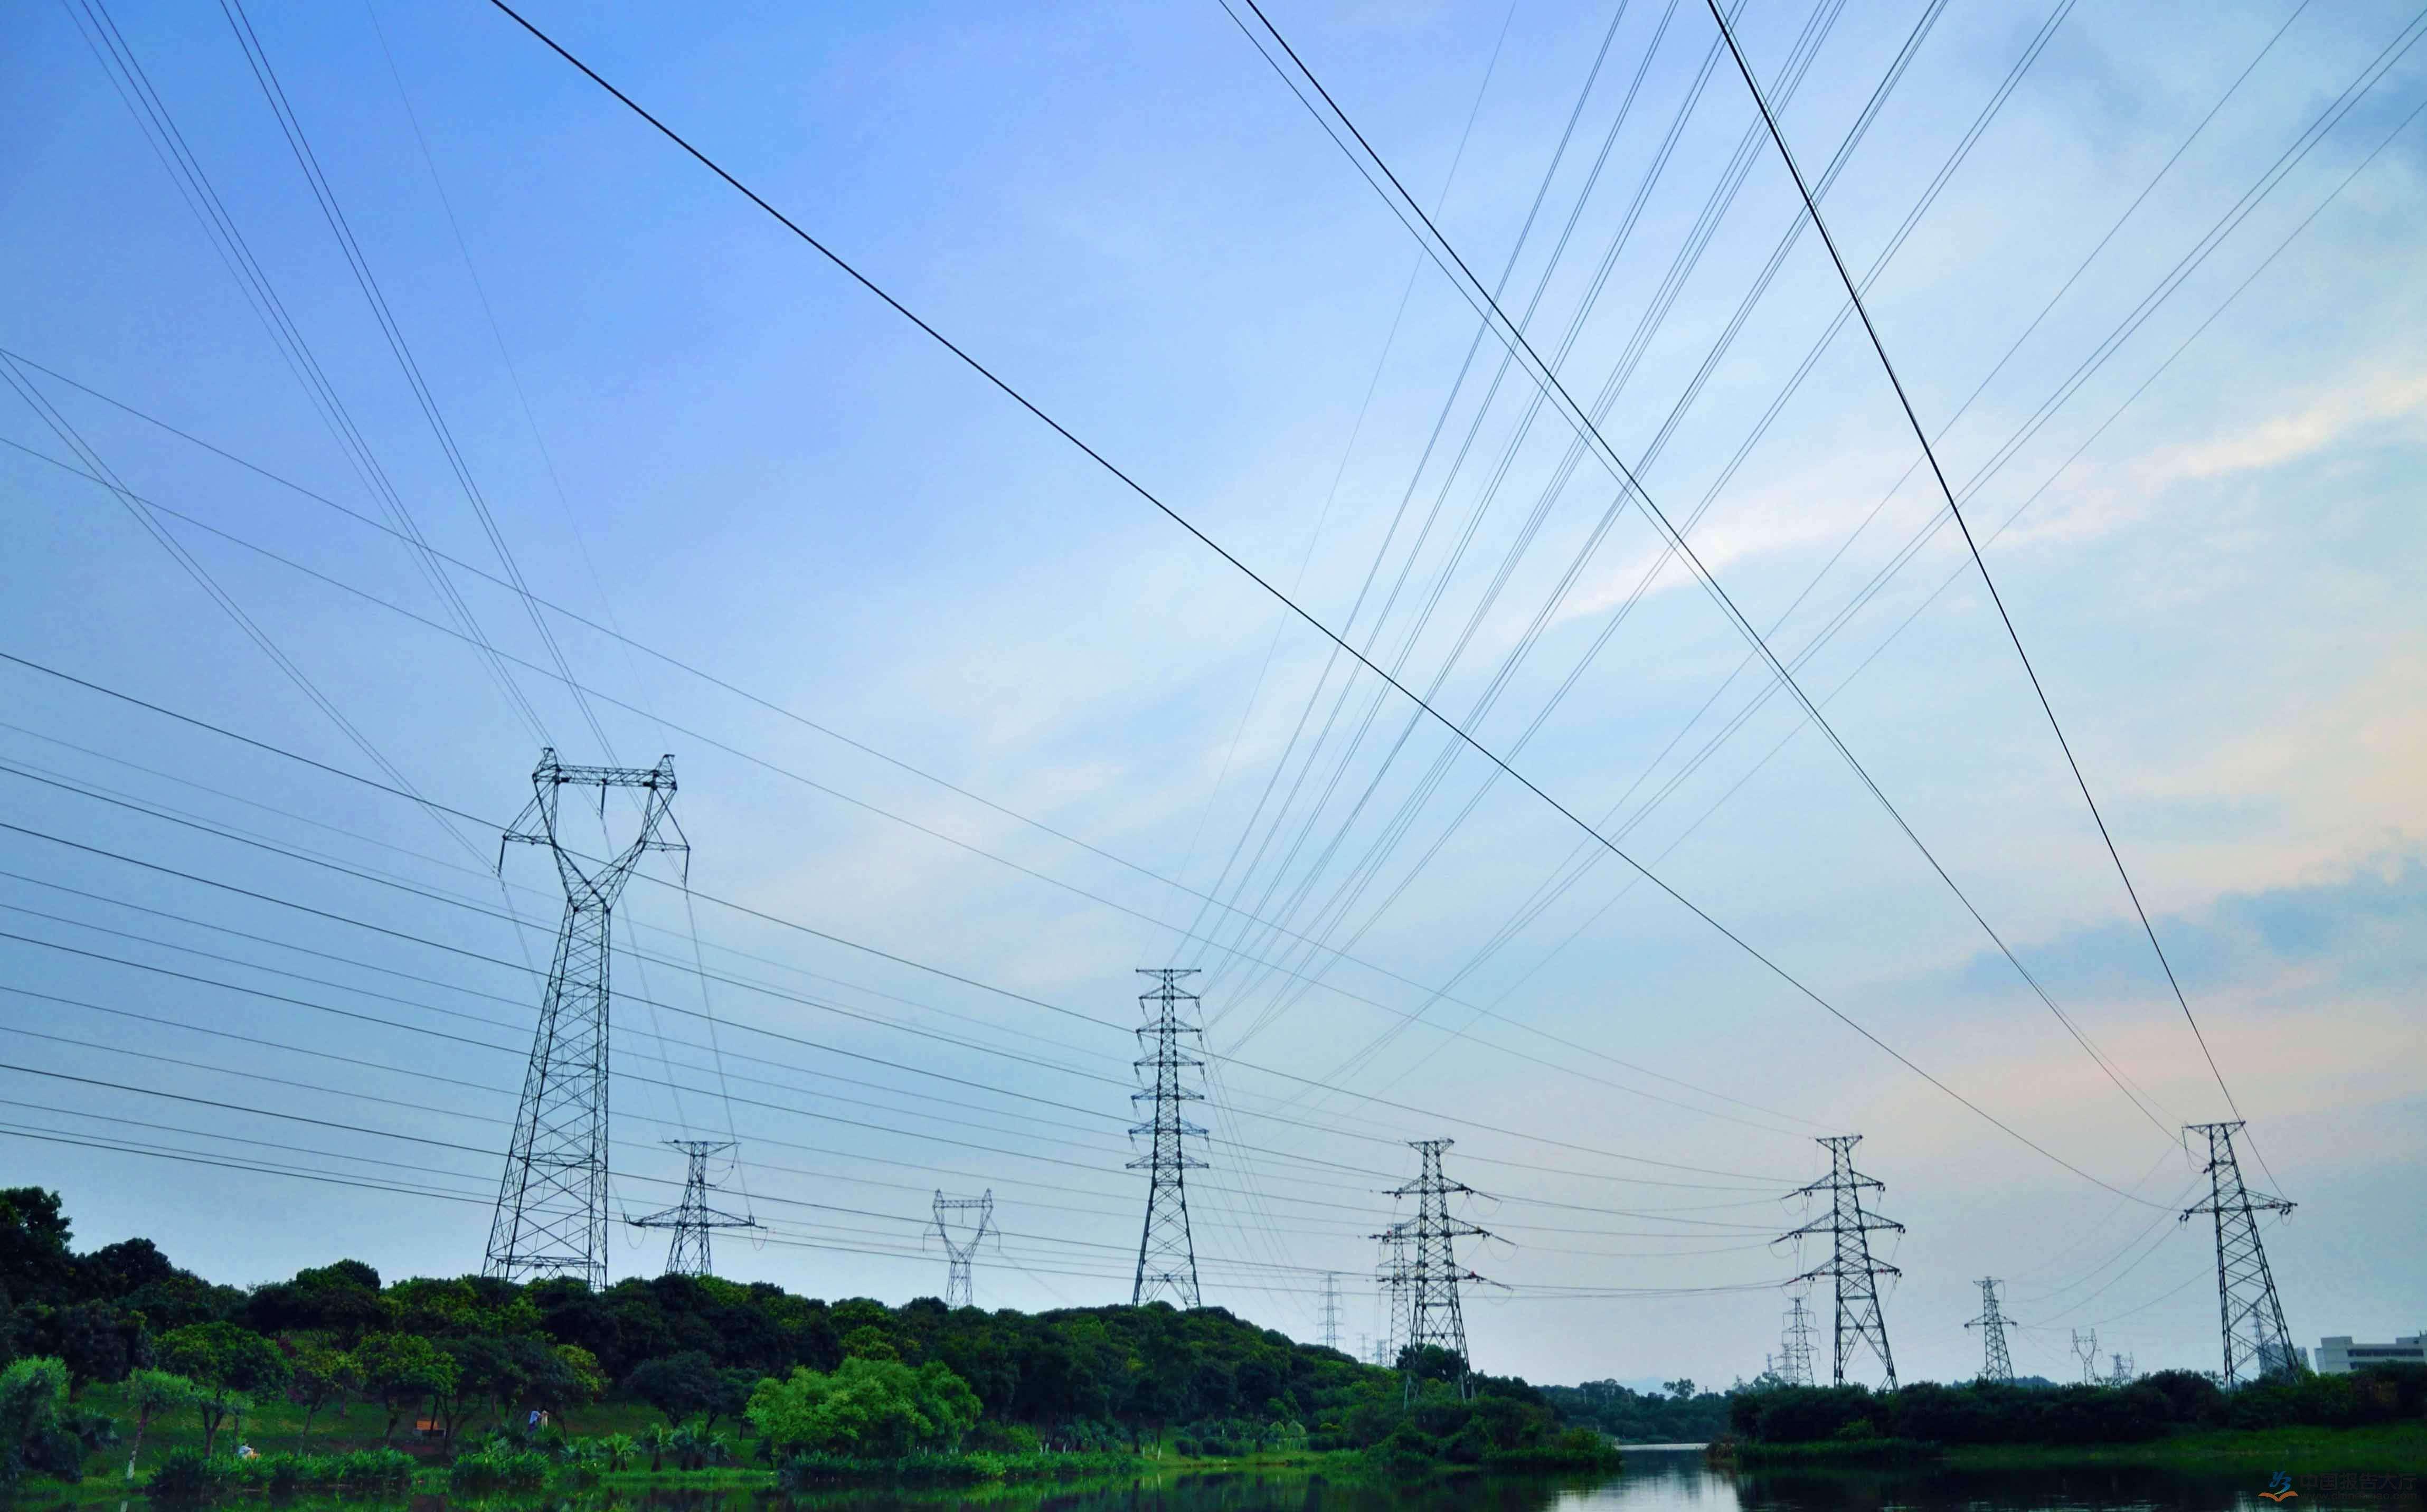 京津冀协同发展战略推动建设国际一流绿色的智能电网